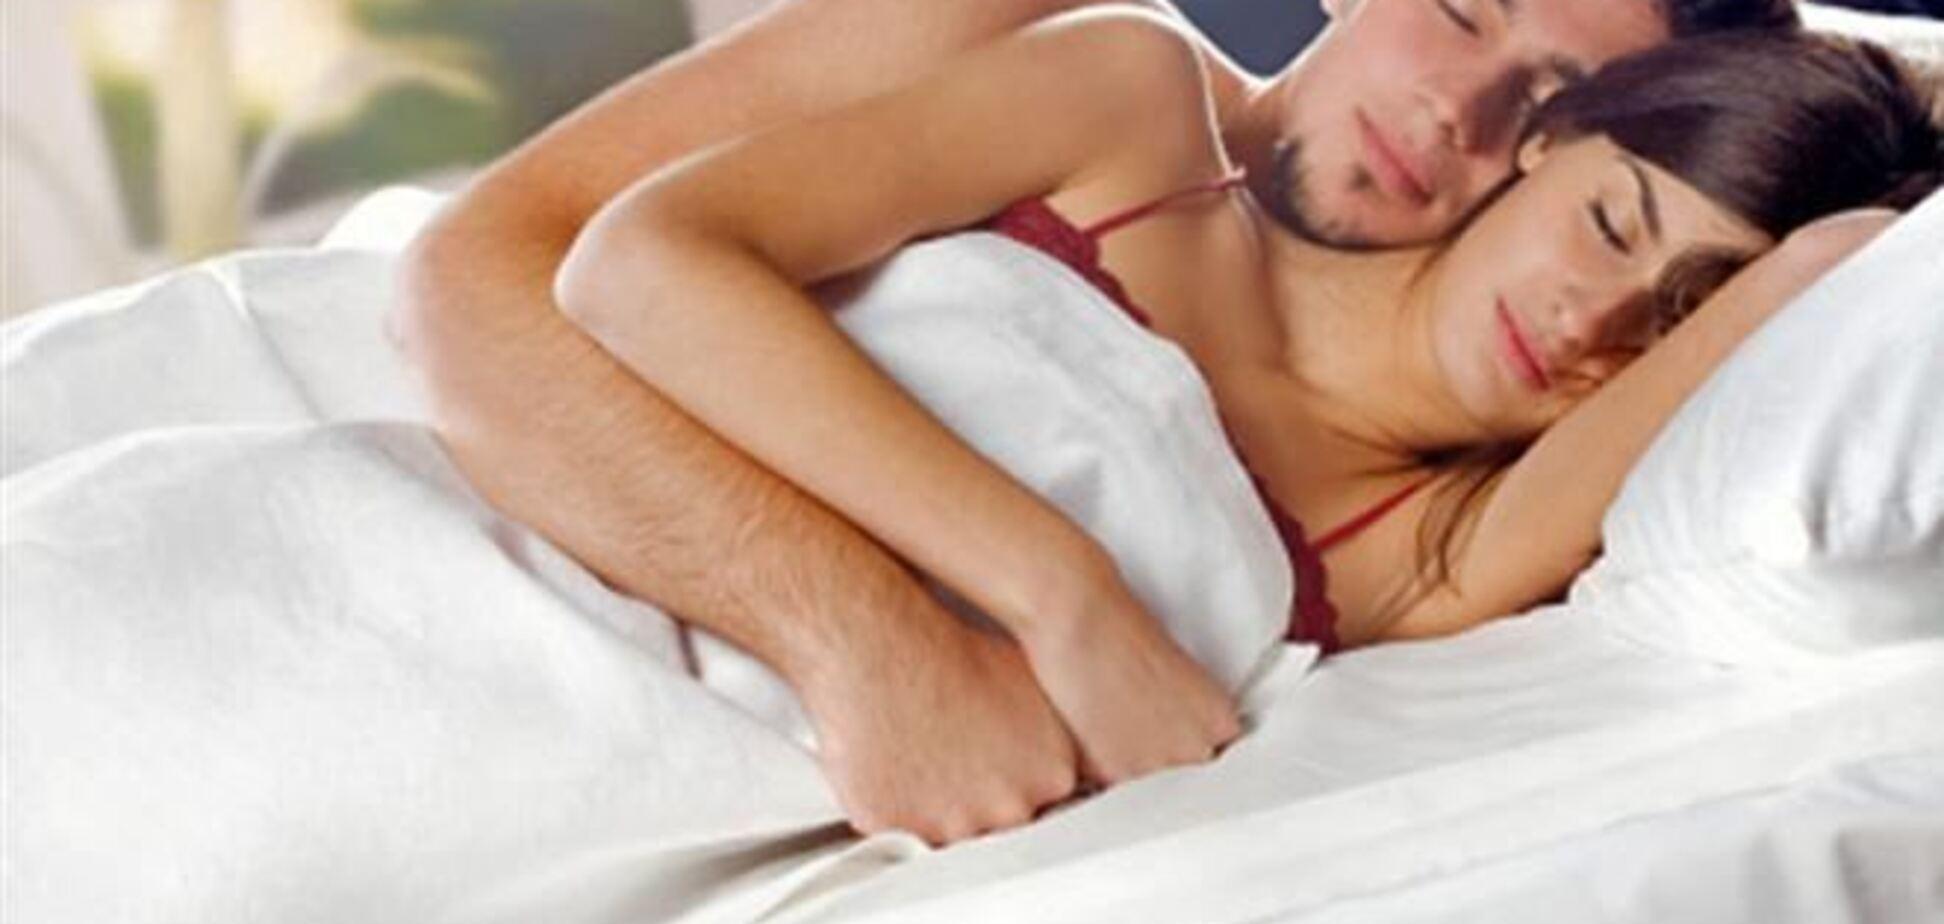 15 советов, о которых должны знать все супружеские пары